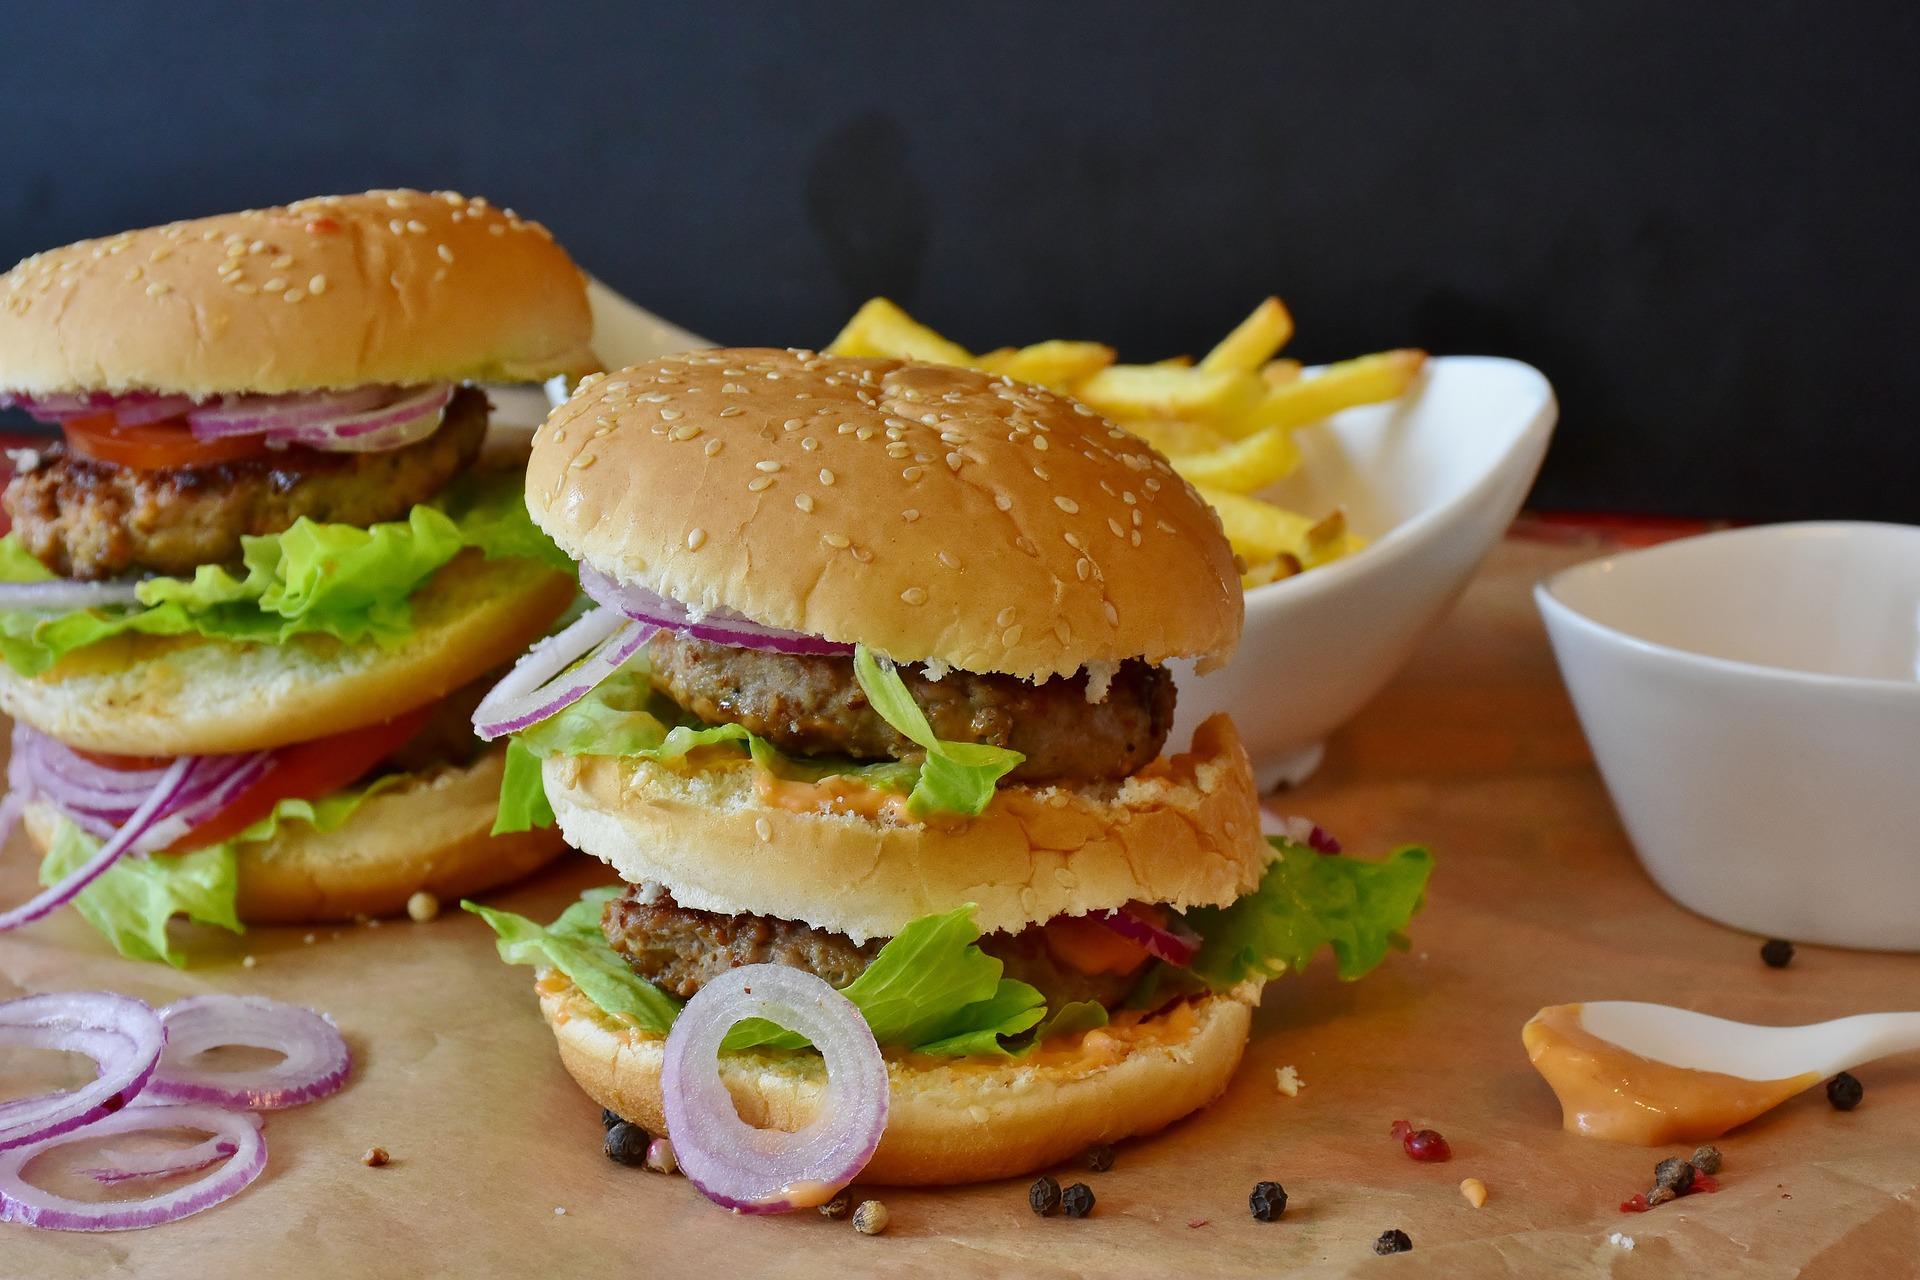 Tučná strava a cukry, to je nebezpečná kombinace (ilustrační foto)